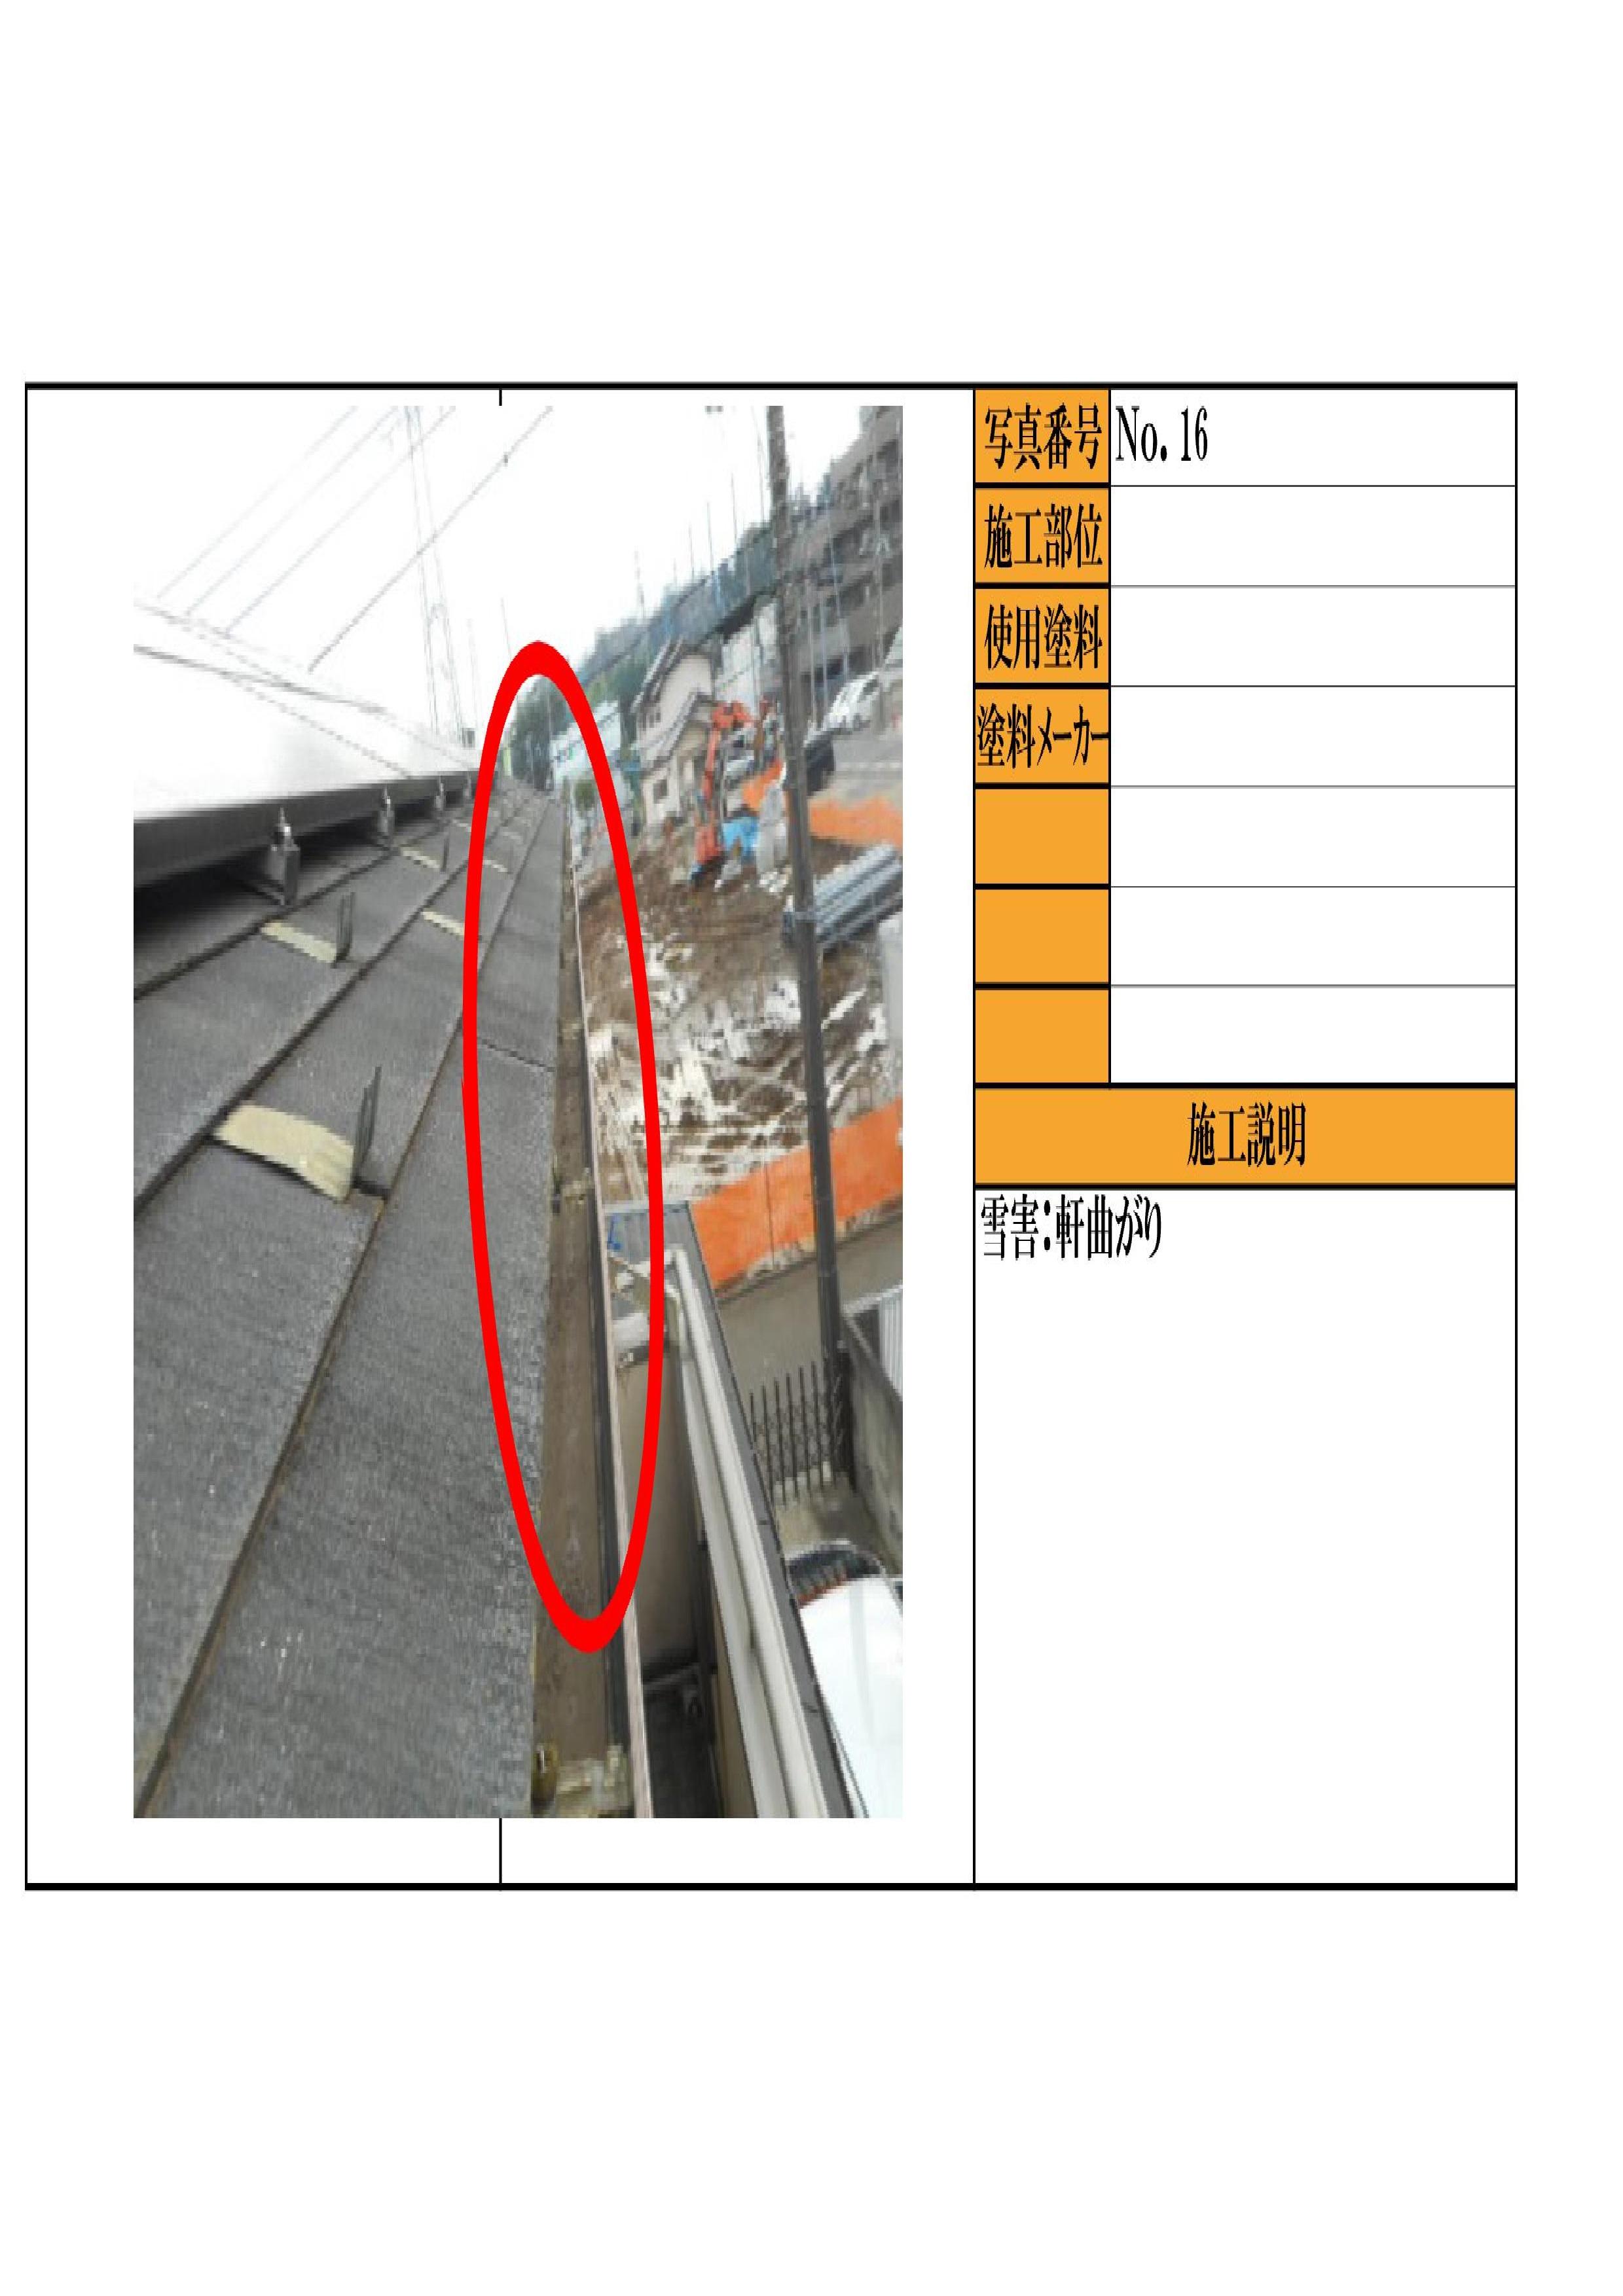 鈴木さん 小平  写真例題